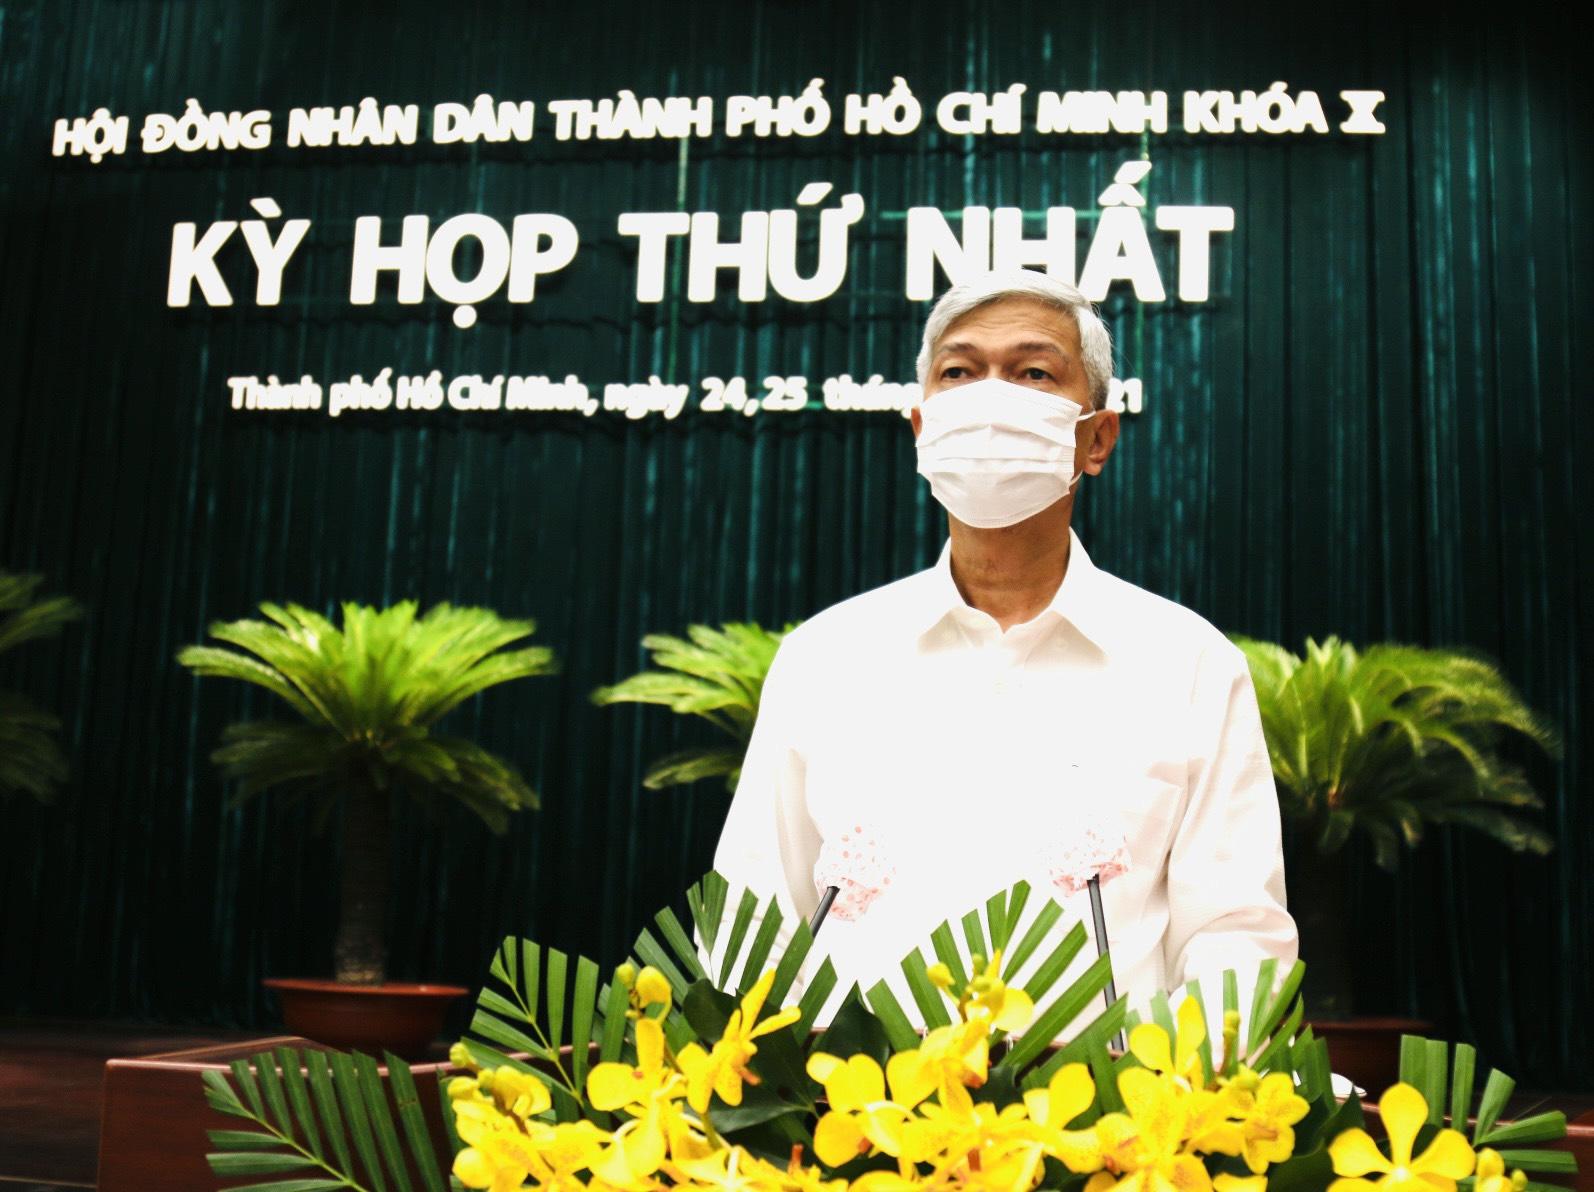 Phó chủ tịch UBDN TPHCM Võ Văn Hoan báo cáo tờ trình về Thủ Thiêm. Ảnh: TTBC